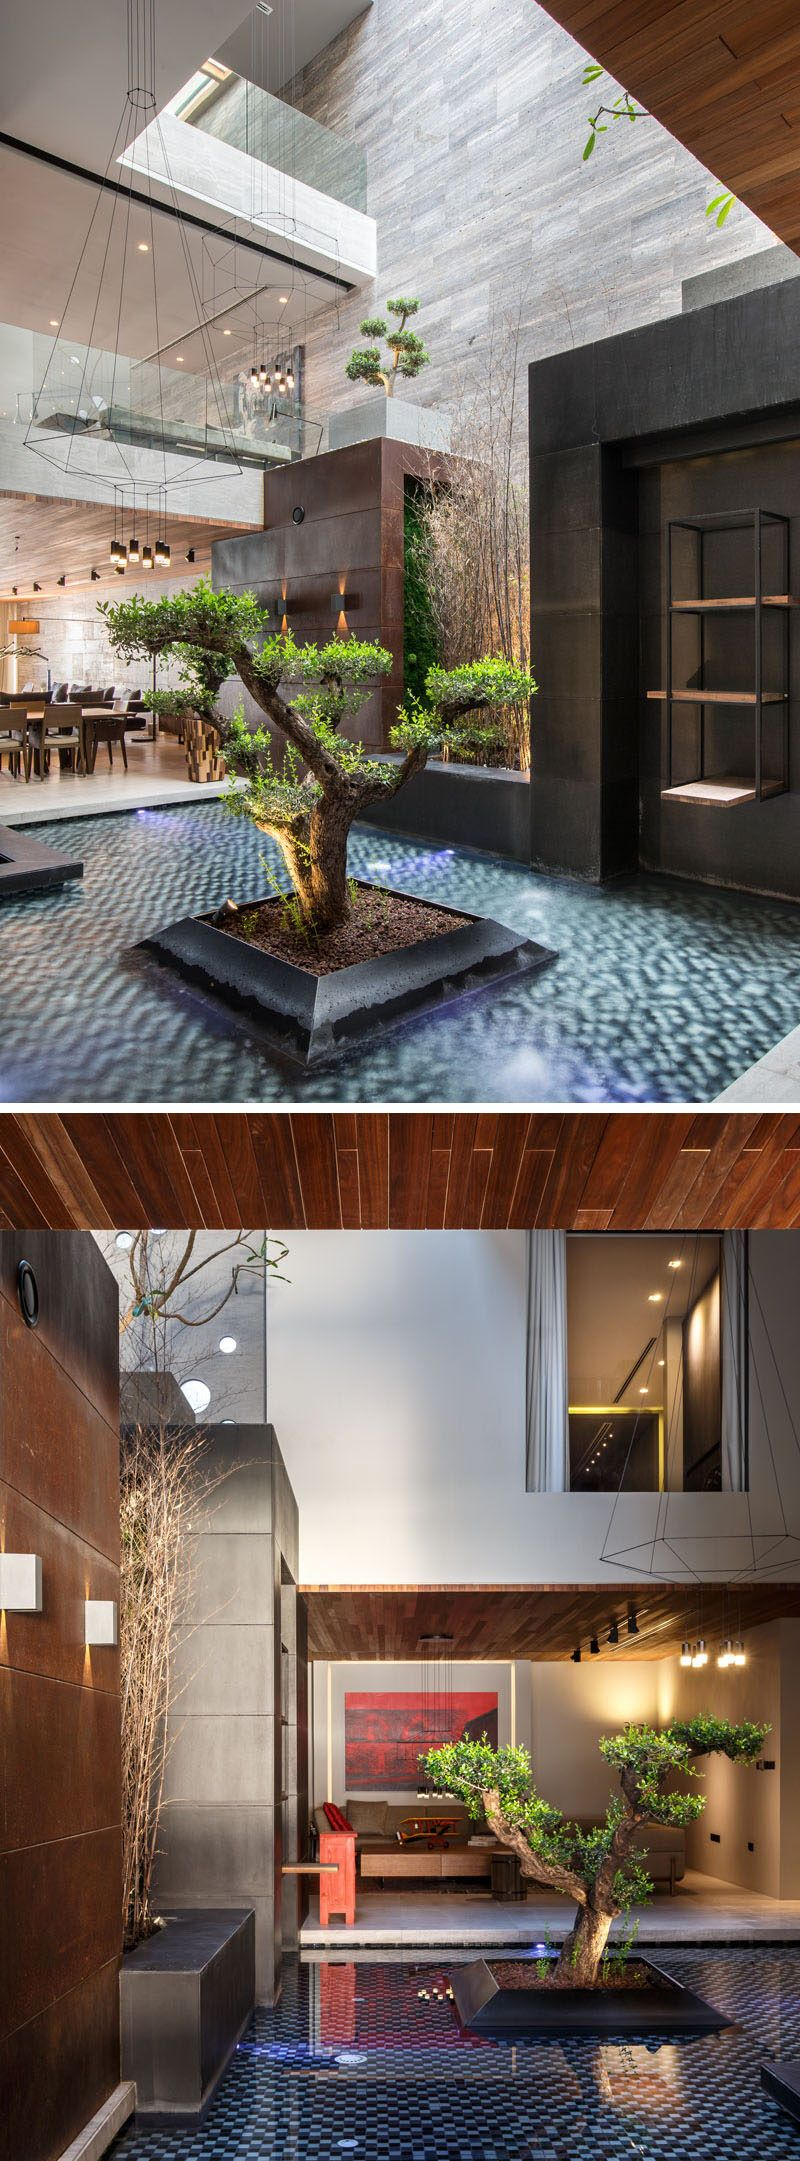 Garden indoor | Home | Pinterest | Schöner wohnen, Einrichtung und ...